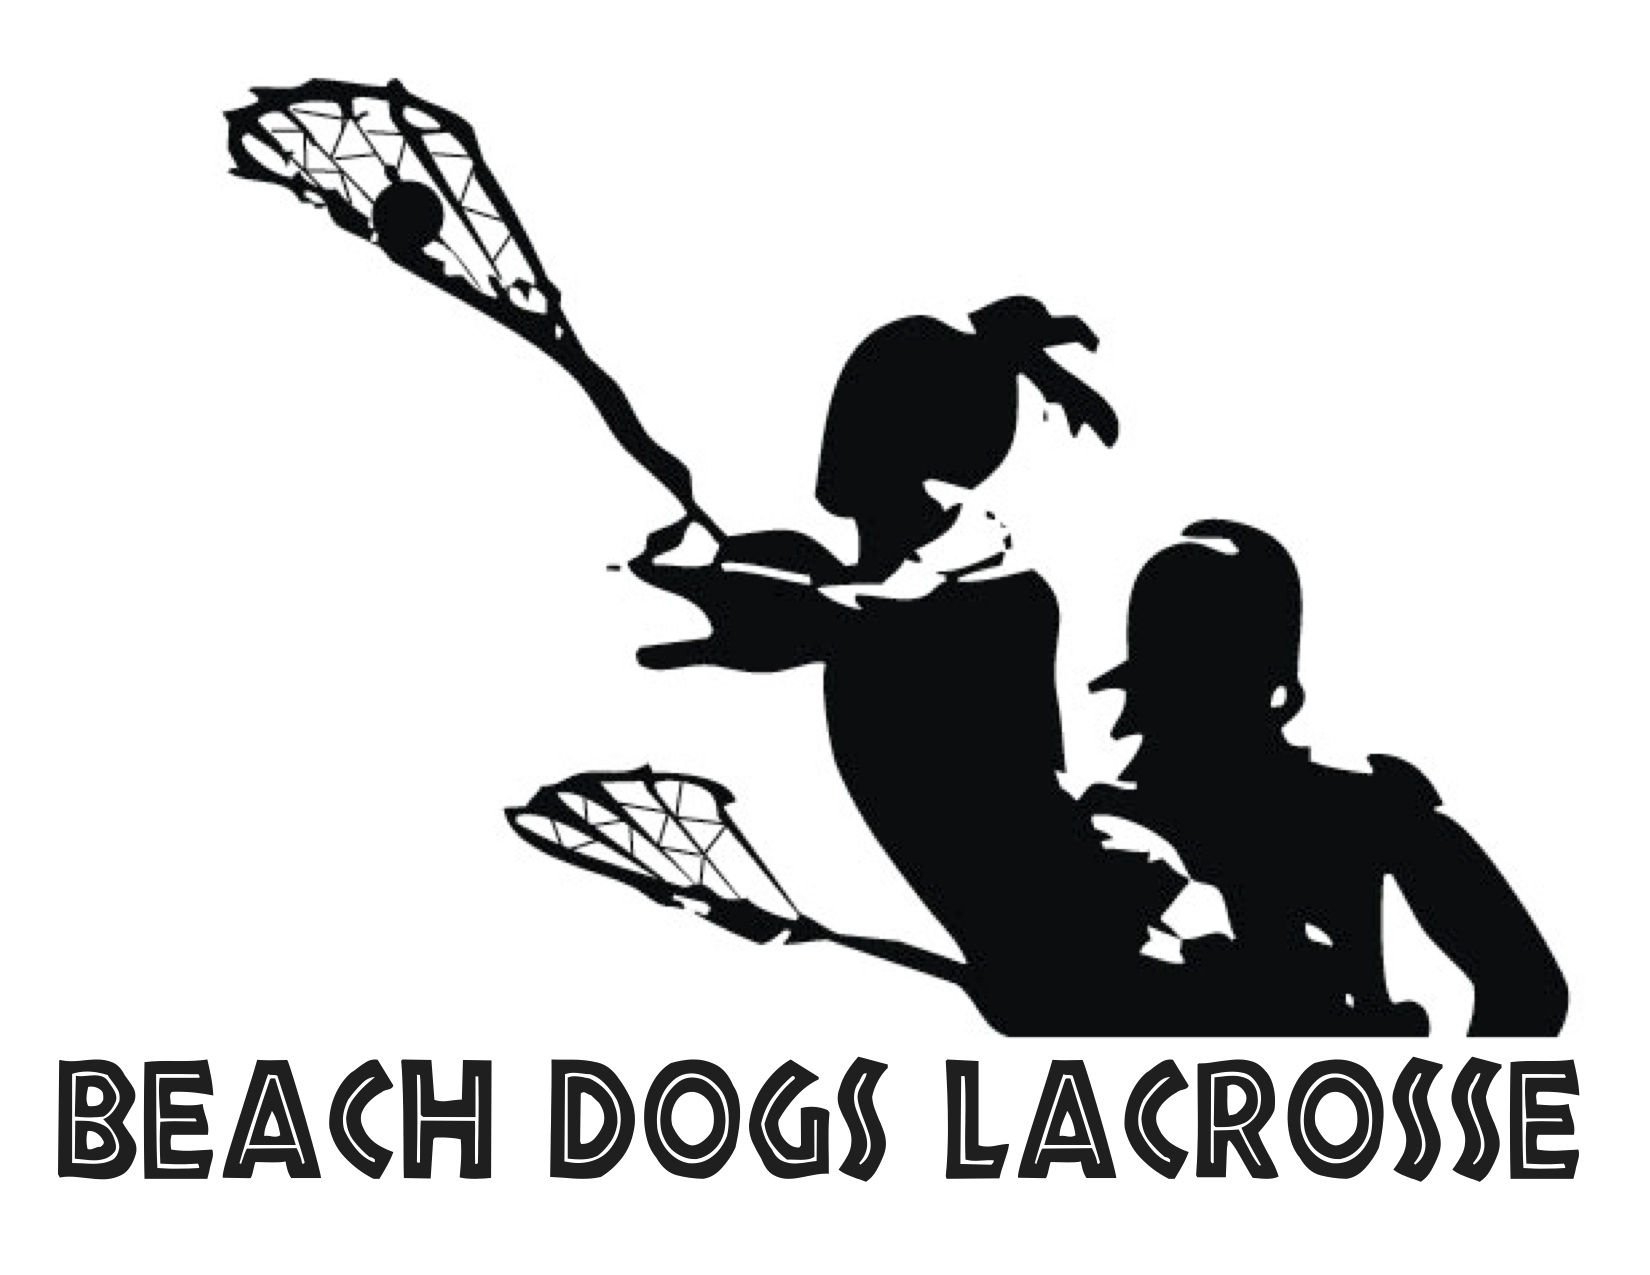 Beach Dogs Lacrosse